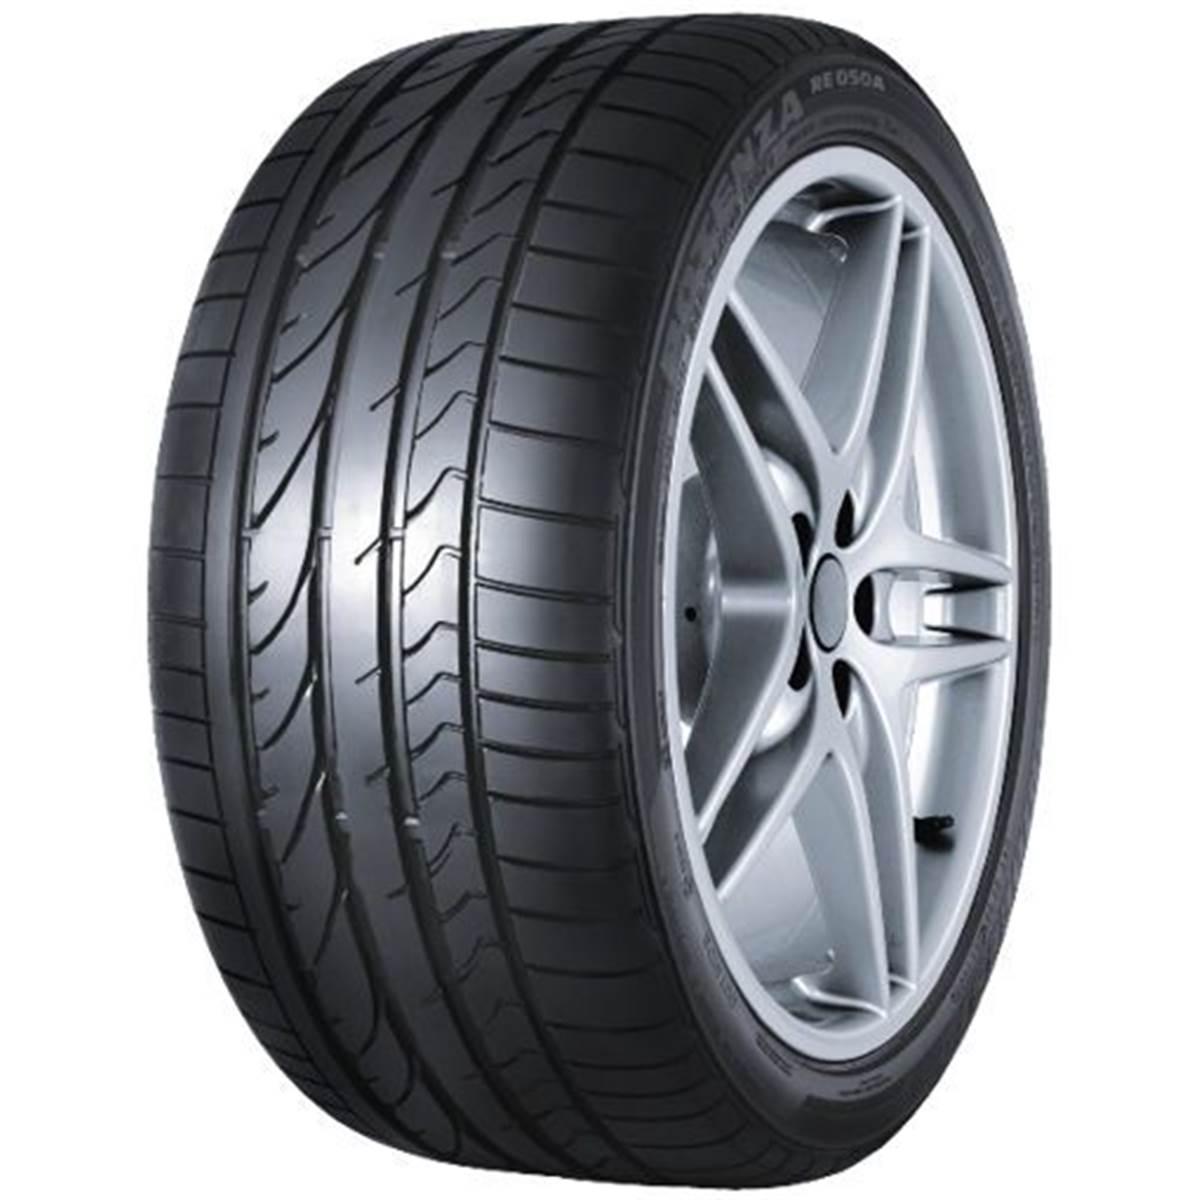 Pneu Bridgestone 235/40R19 92Y Potenza Re050